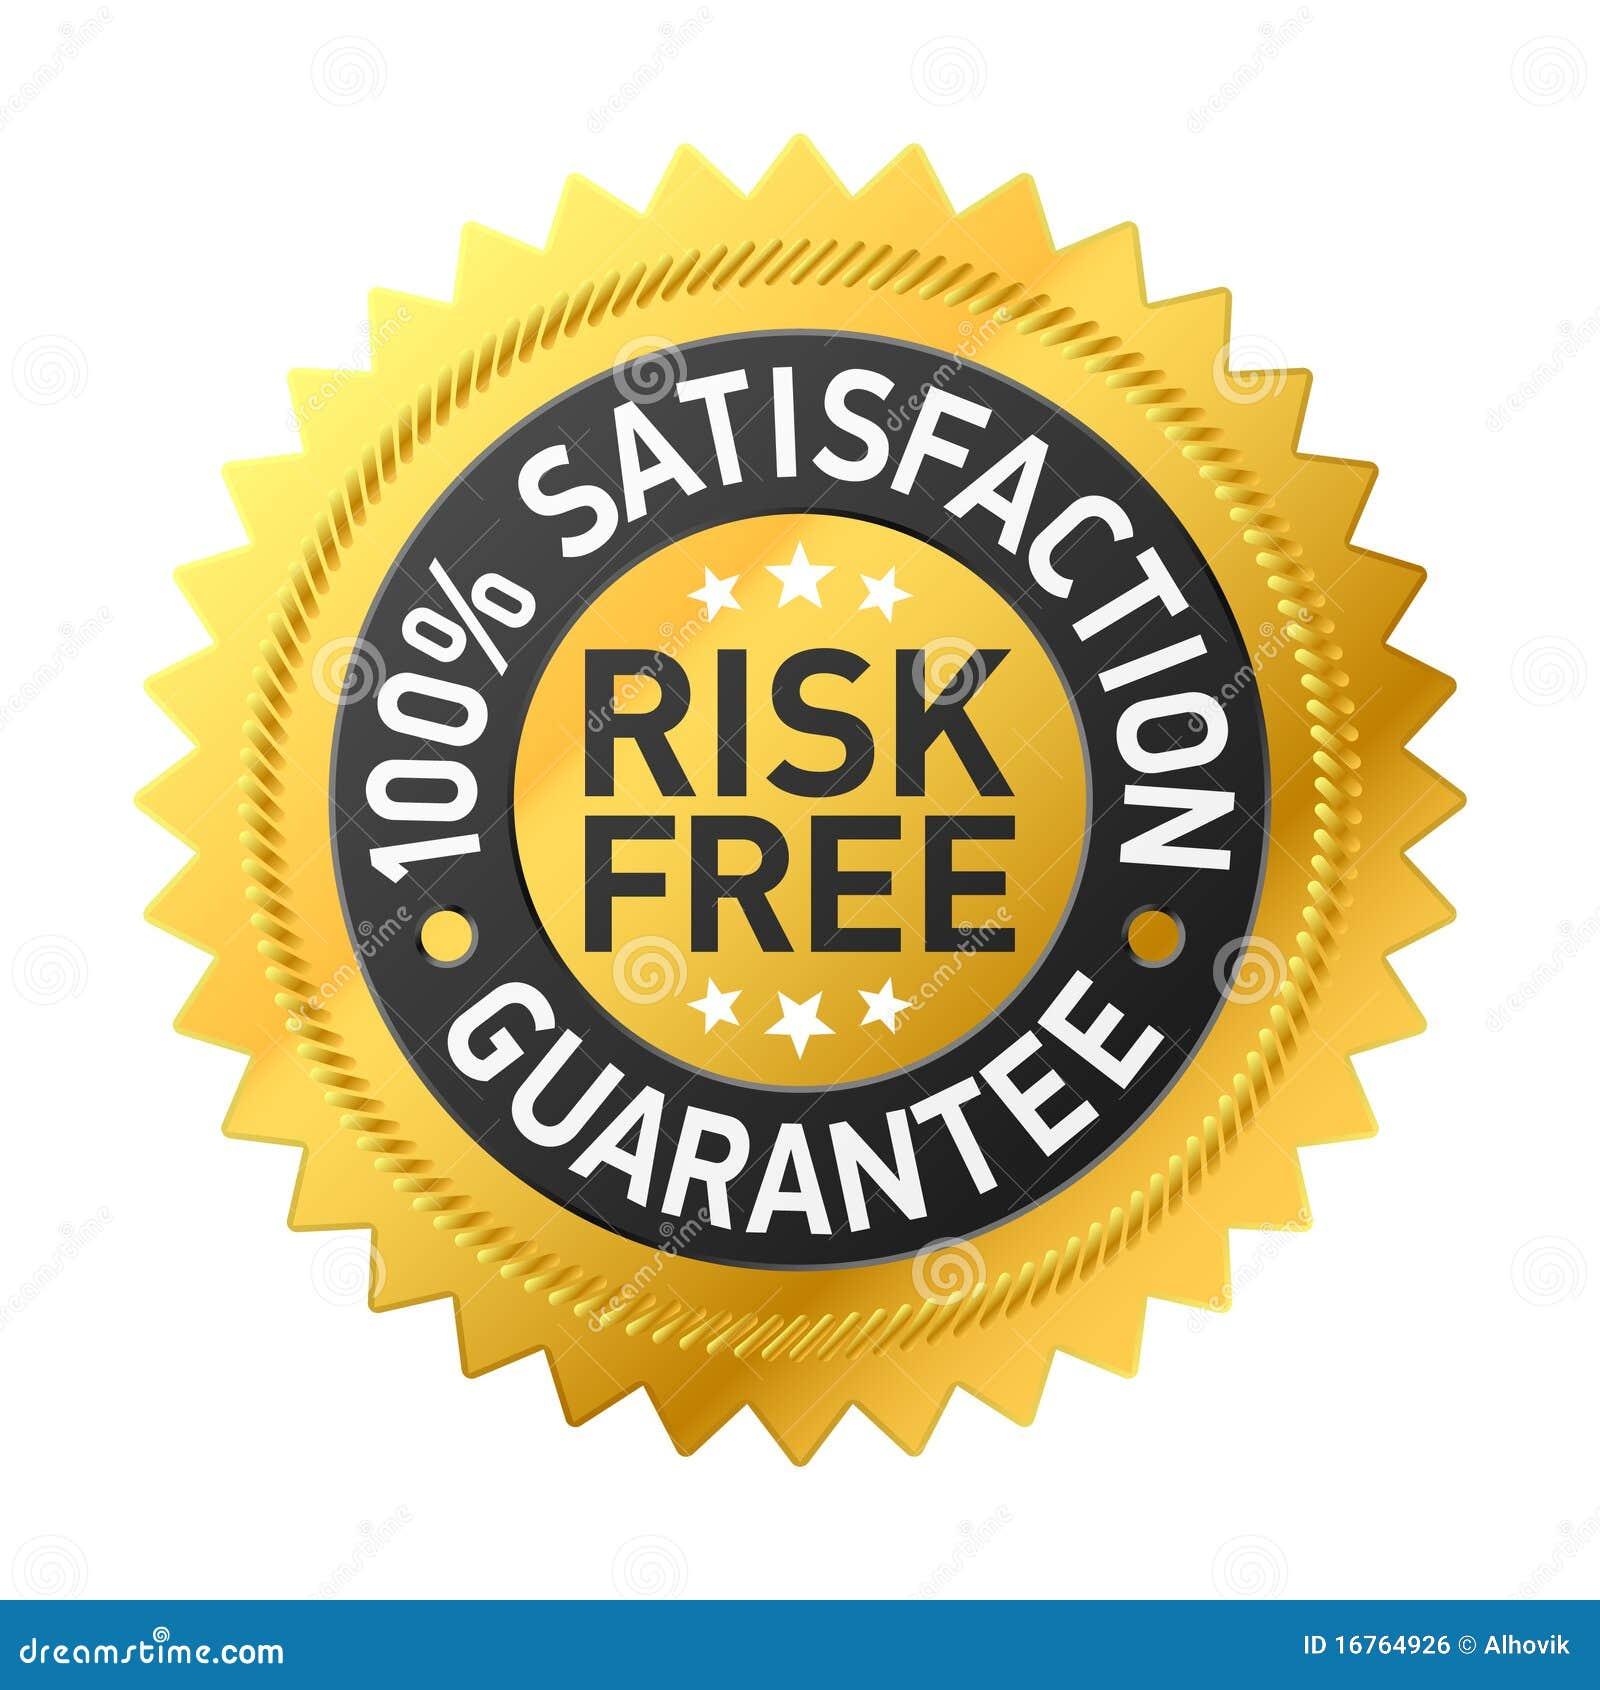 Risk-free Garantiekennsatz